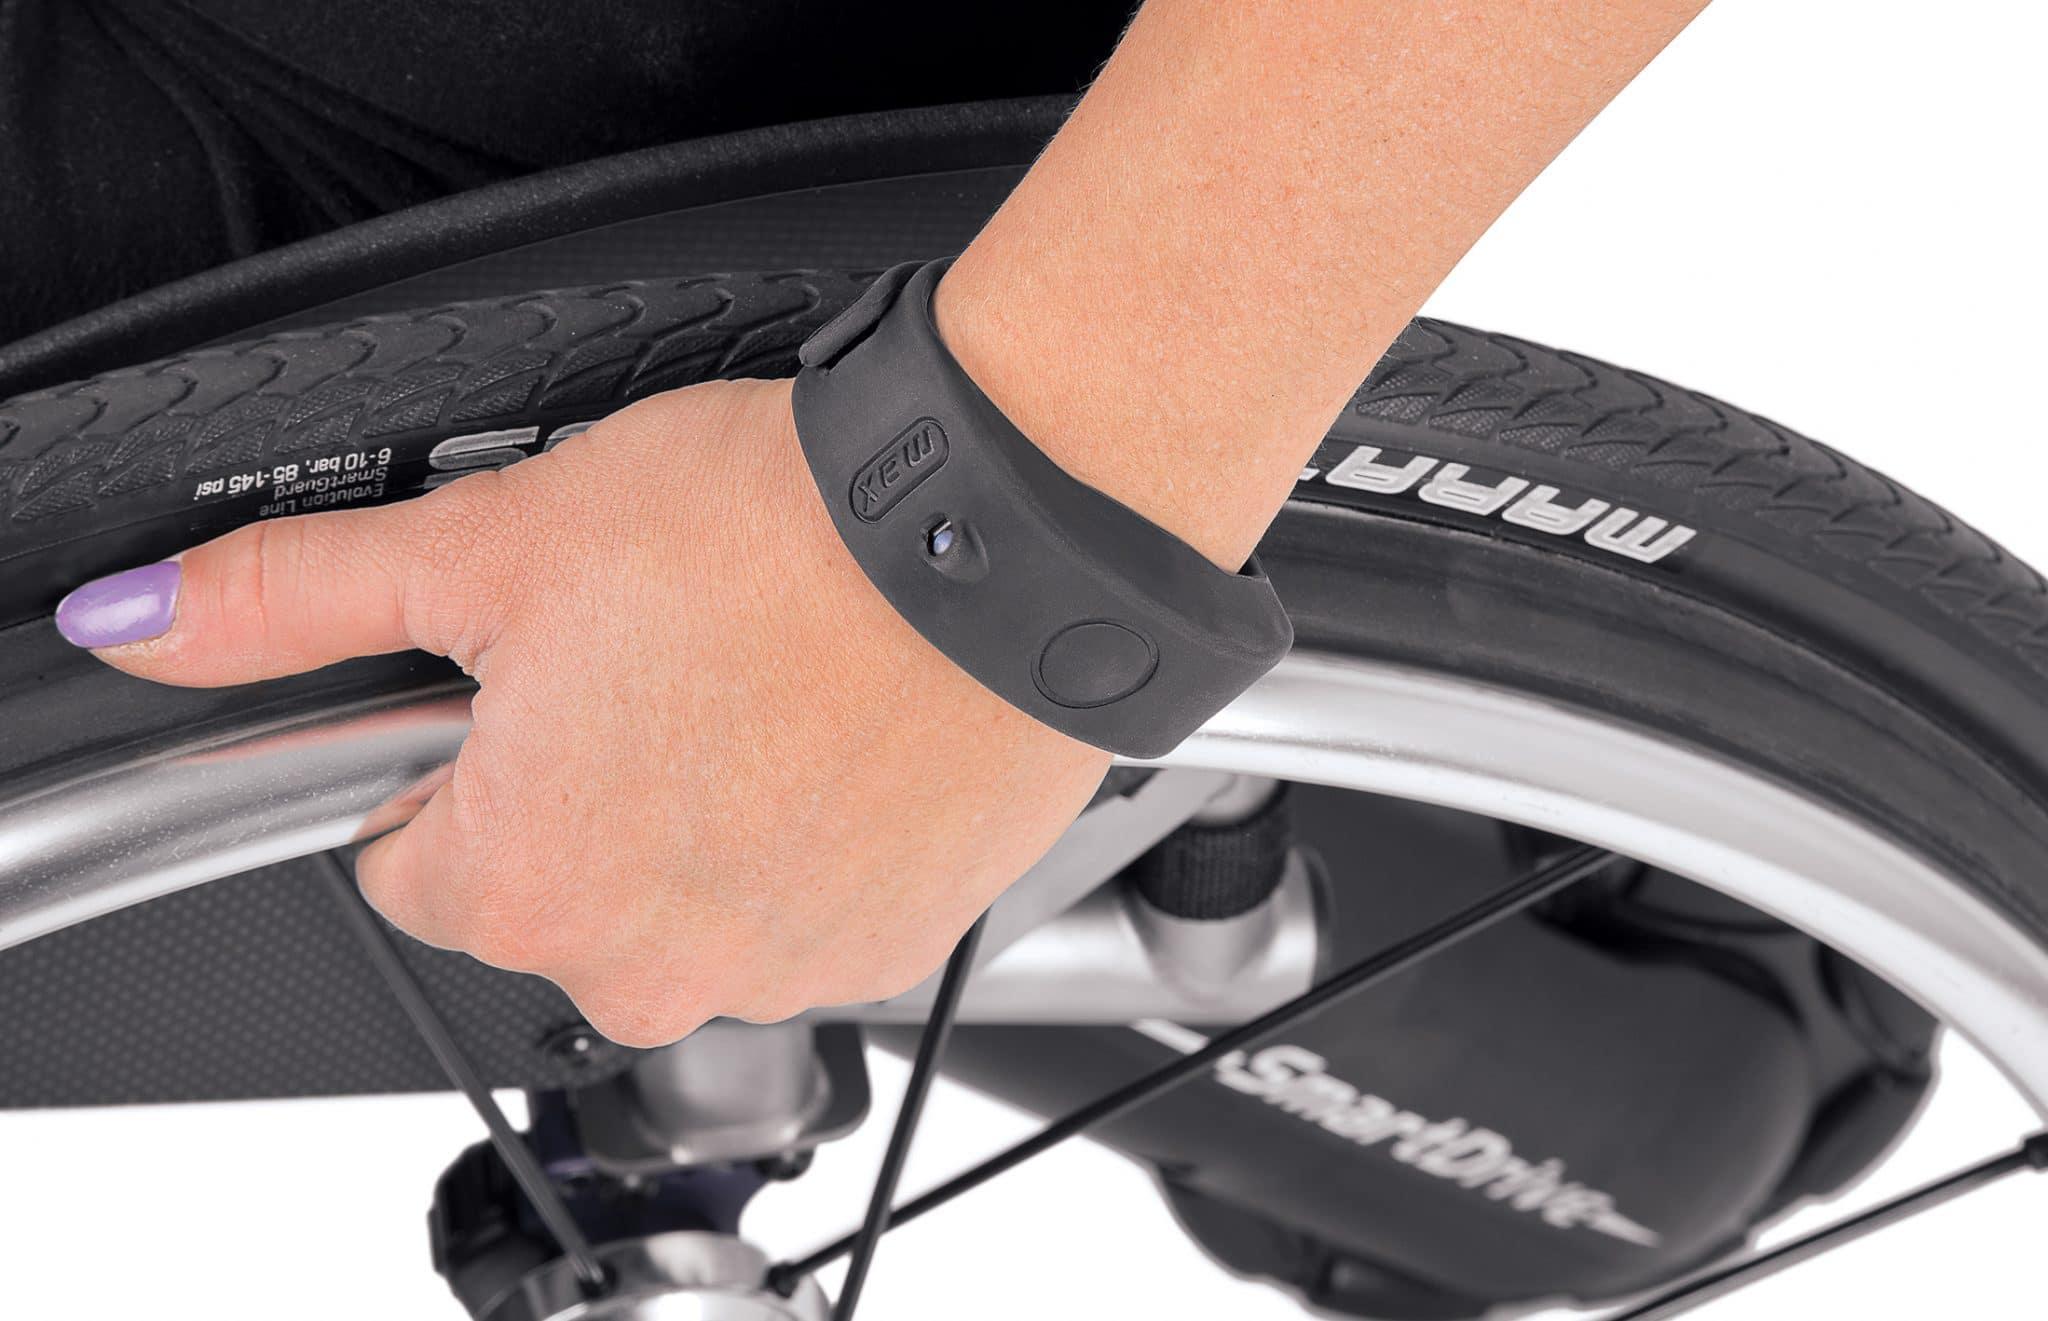 Utilizadora de cadeira de rodas a usar smart drive com pulseira